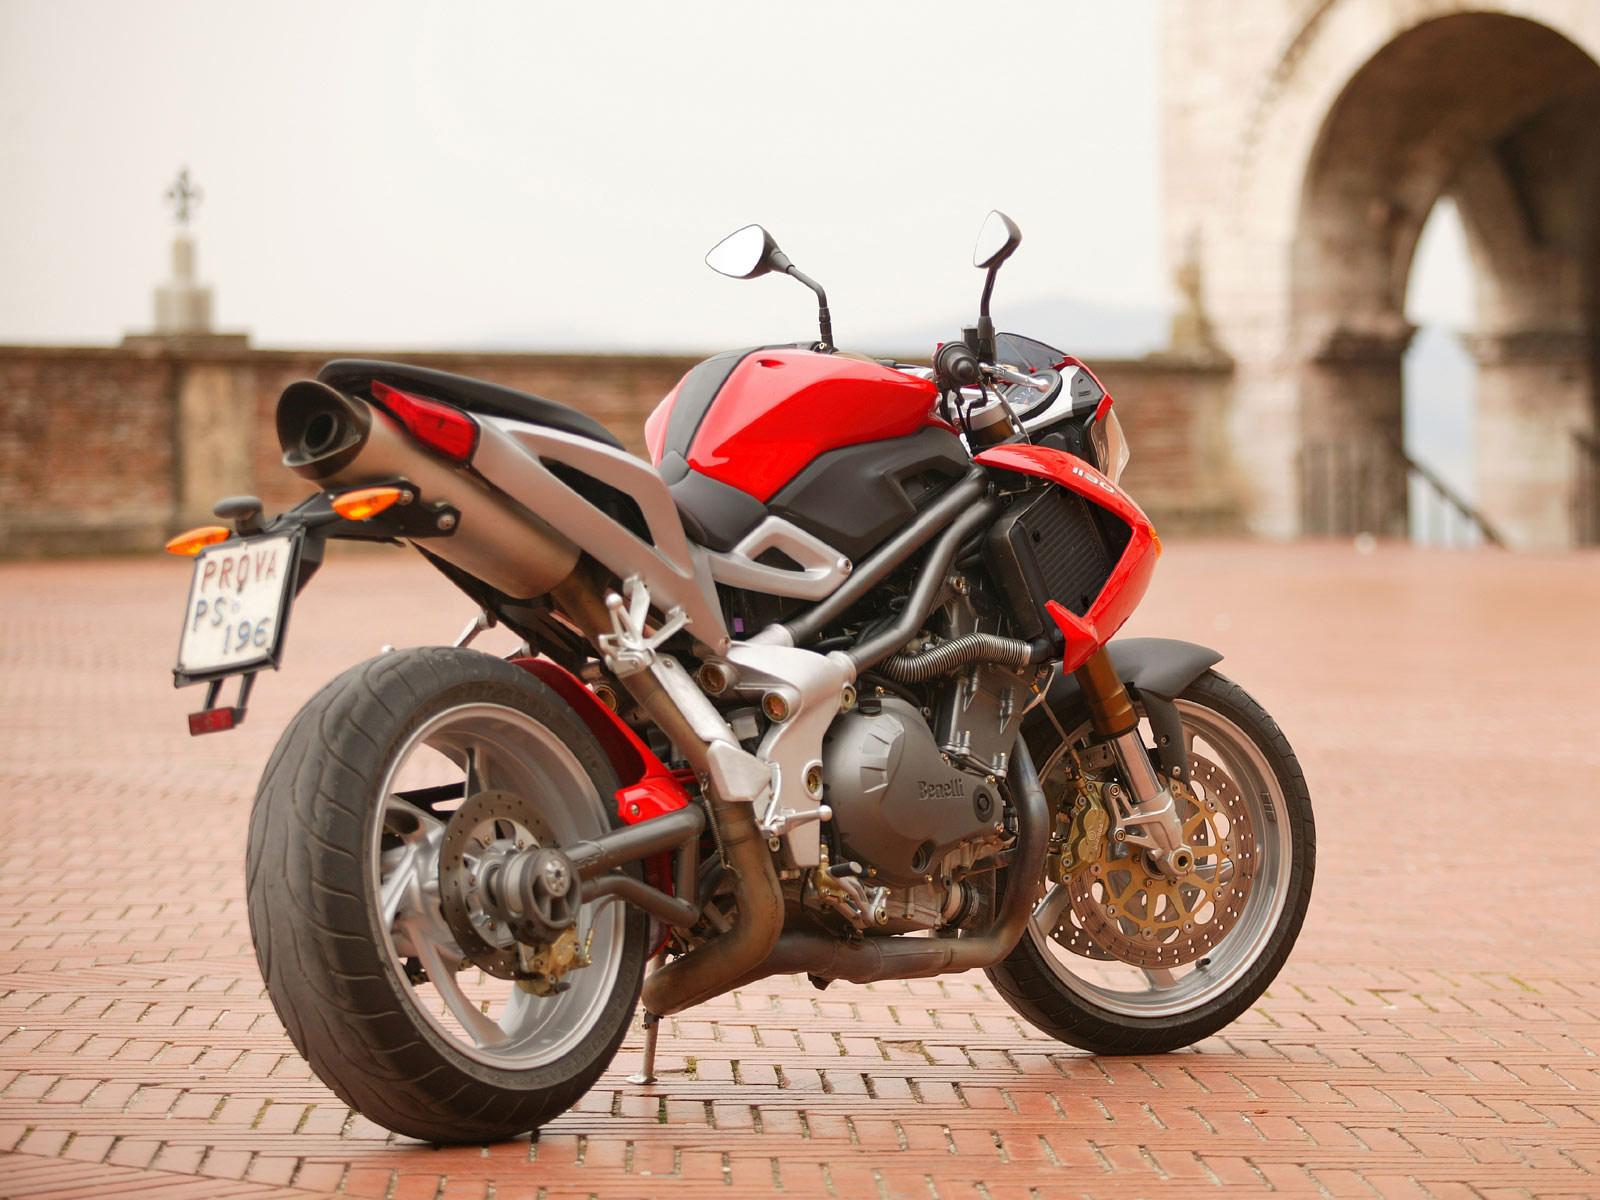 http://1.bp.blogspot.com/-taVK66ojtw0/Tr29KEwV94I/AAAAAAAADyY/T3oNzVYreJ0/s1600/2005_Benelli-TNT-1130_motorcycle-desktop-wallpaper_18.jpg